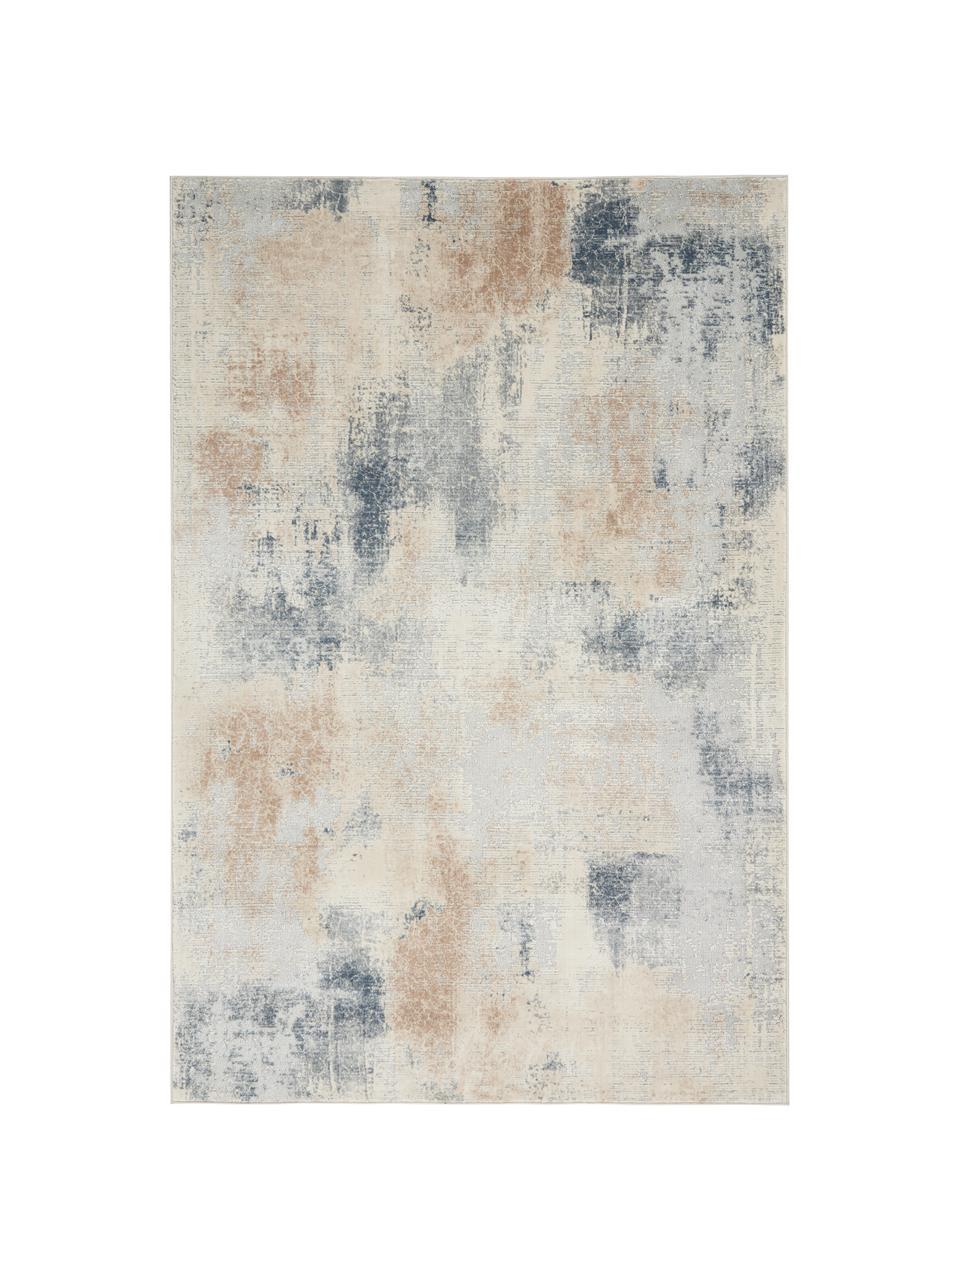 Tapis design beige gris Rustic Textures II, Tons beiges, gris